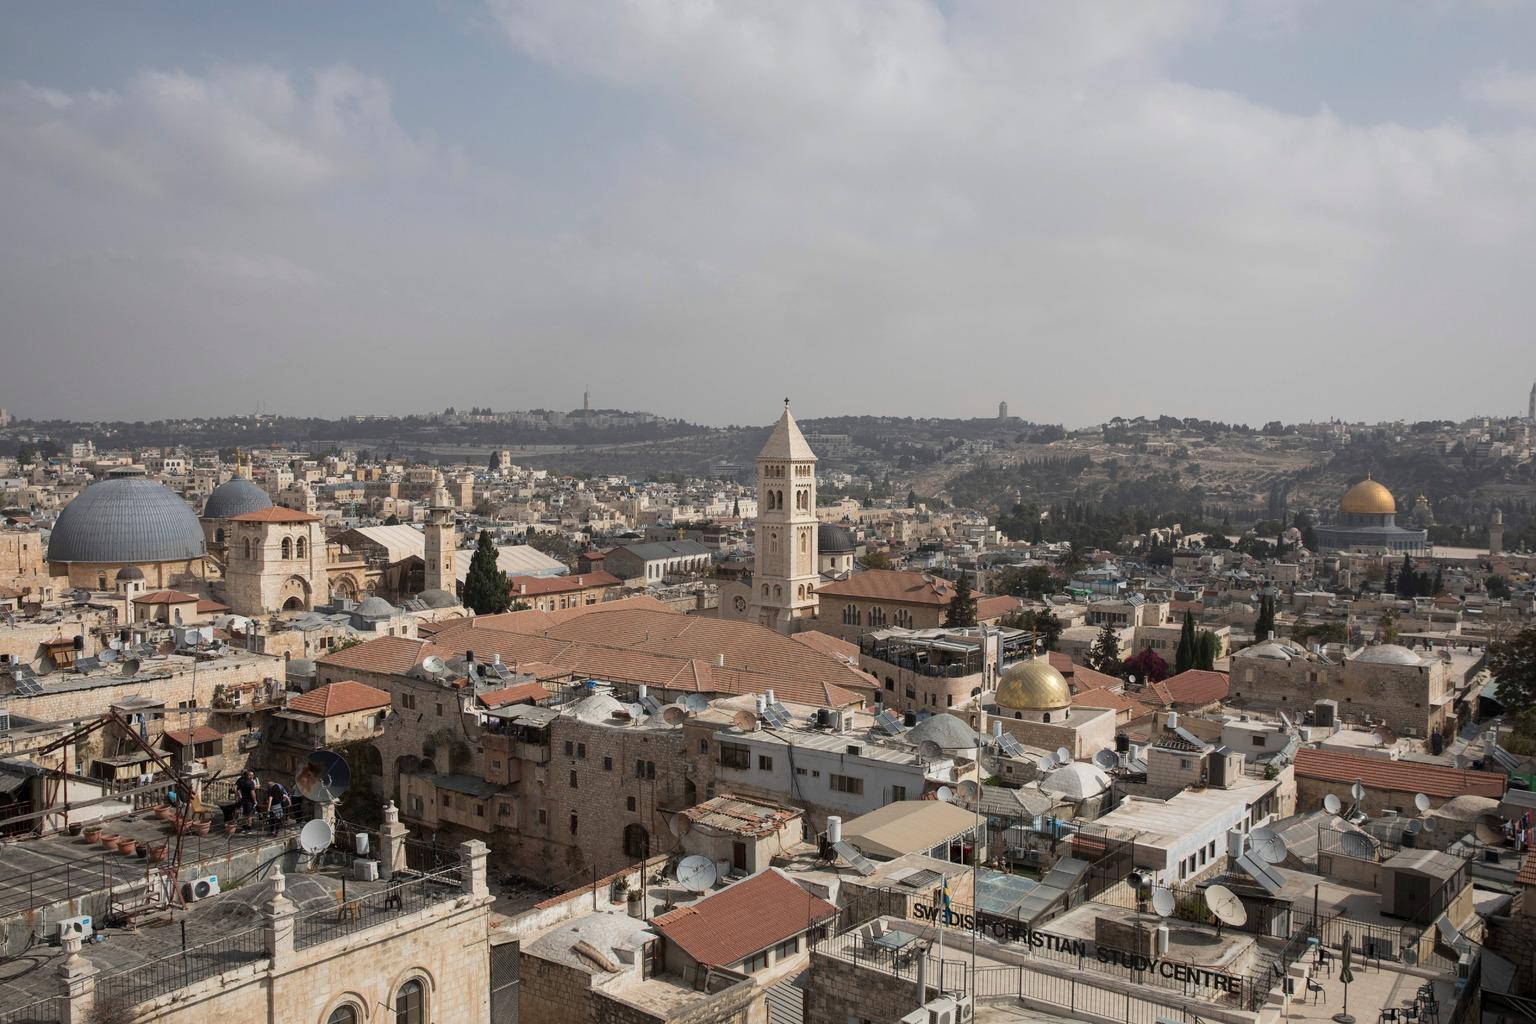 Jeruzsálem, 2018. október 18. A jeruzsálemi óváros látképe 2018. október 18-án. MTI/EPA/Abir Szultan